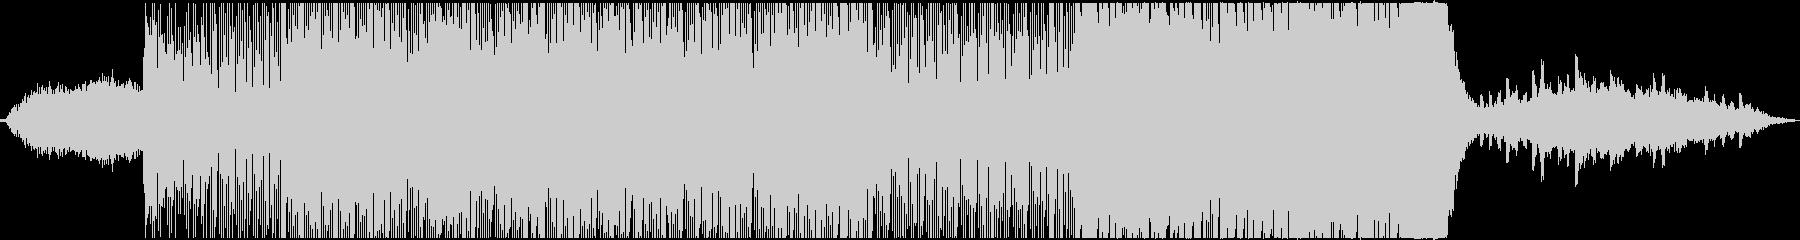 プログレッシブ 交響曲 実験的な ...の未再生の波形